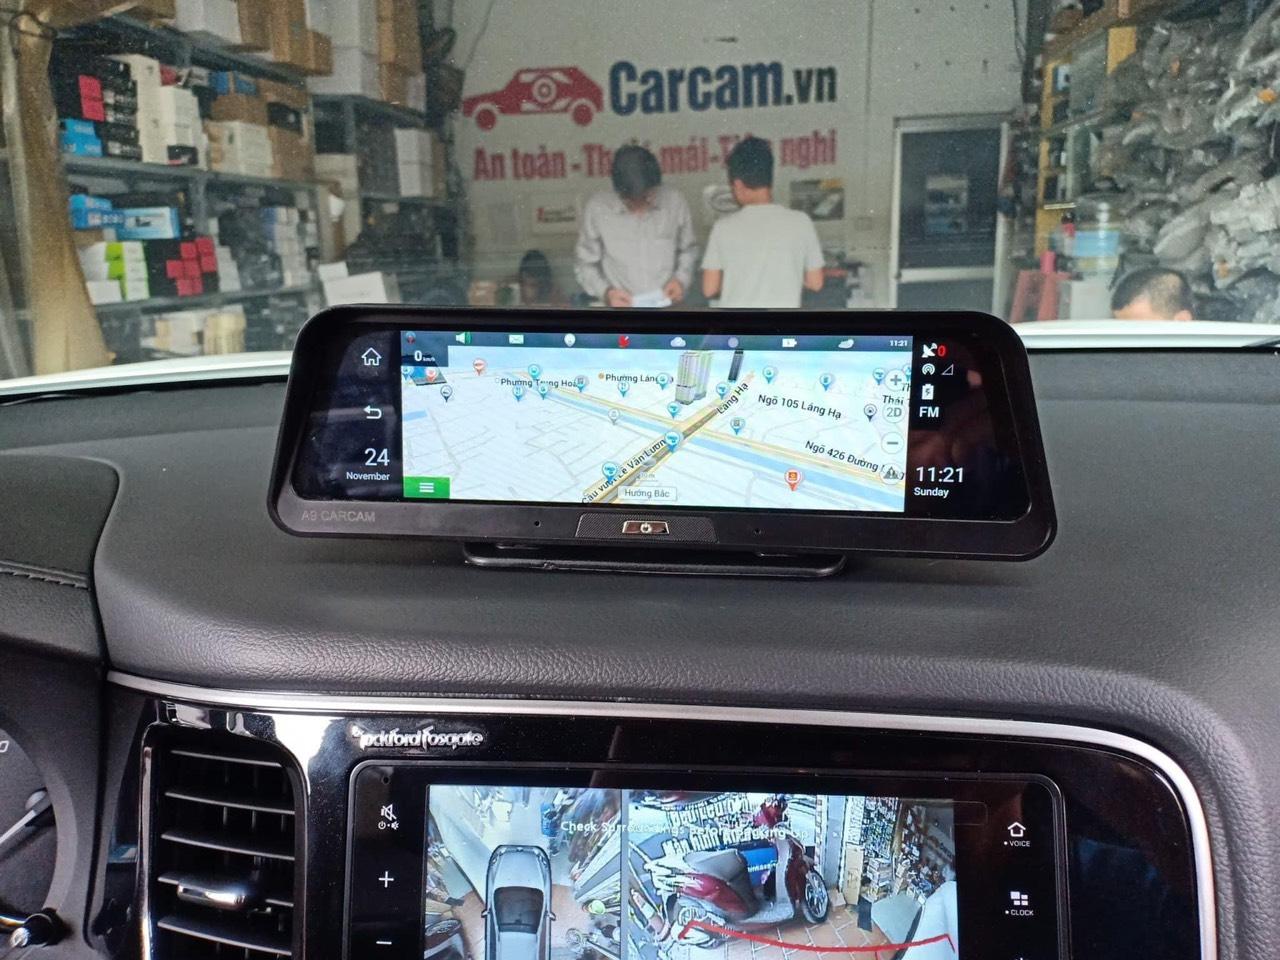 a9 carcam